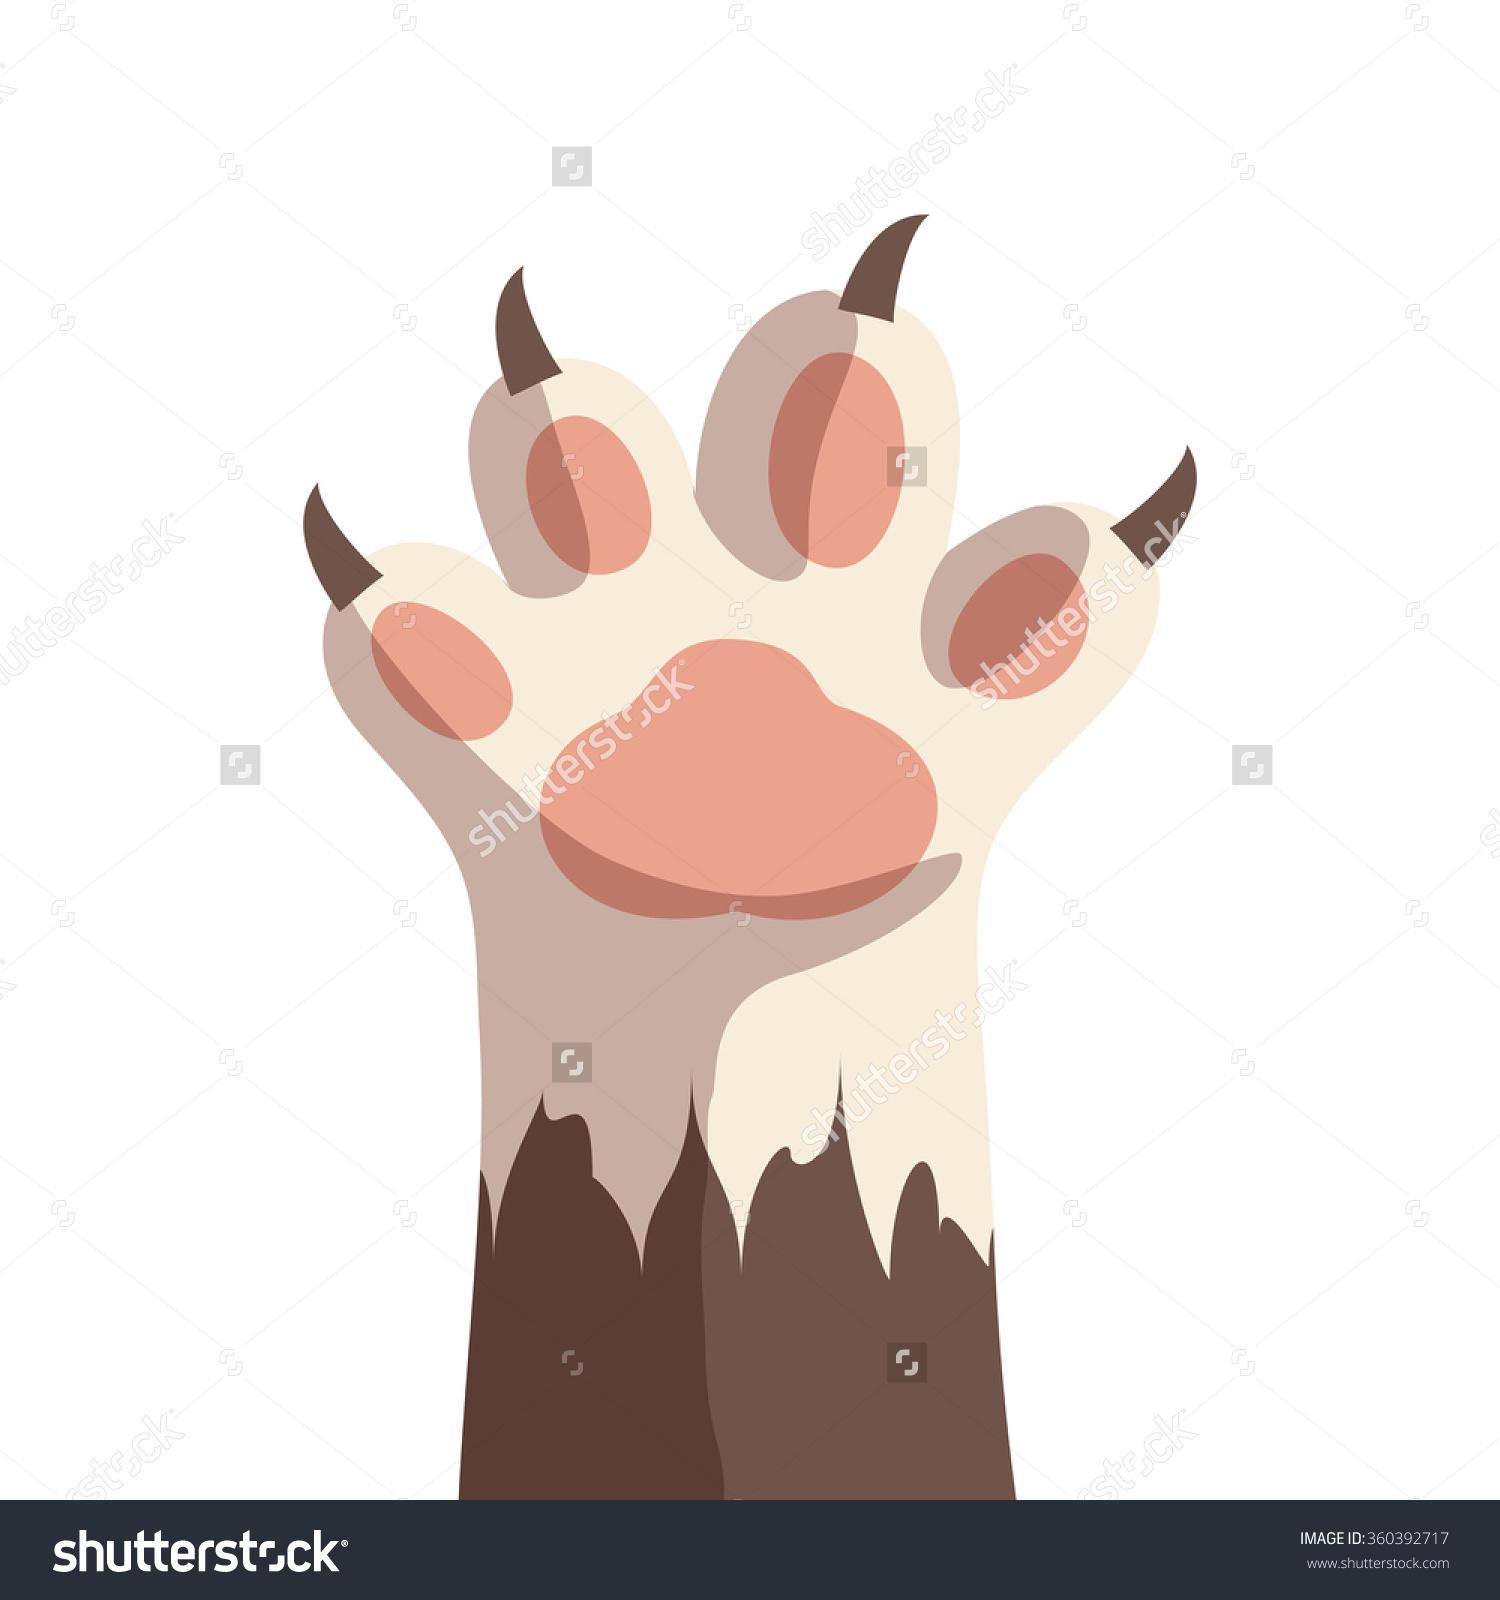 Palm kitten clipart #9